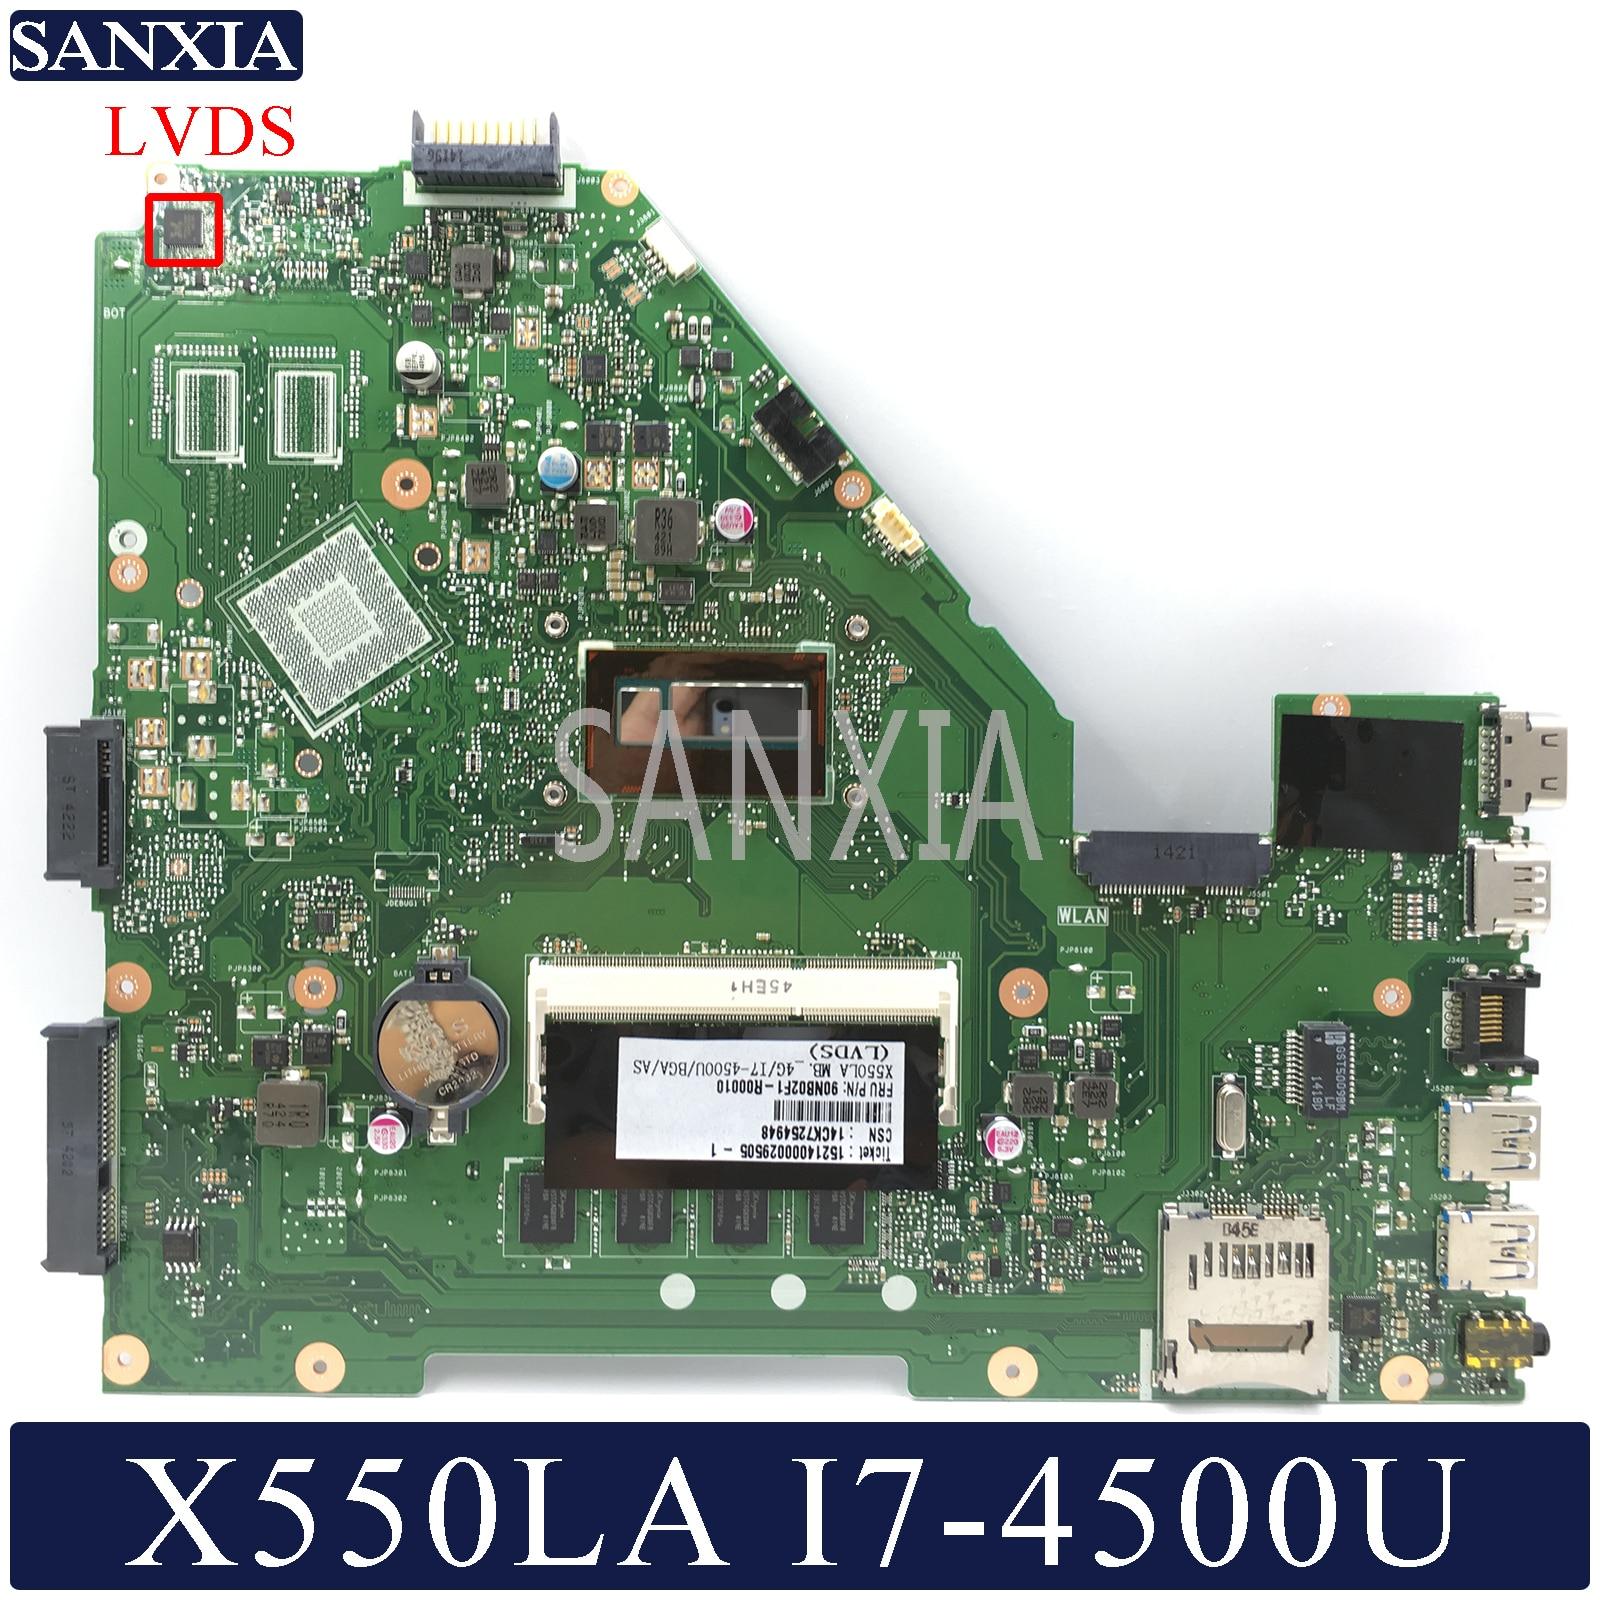 KEFU X550LD Laptop motherboard for ASUS X550LA X550LC X550LN original mainboard 4G RAM I7 4500U